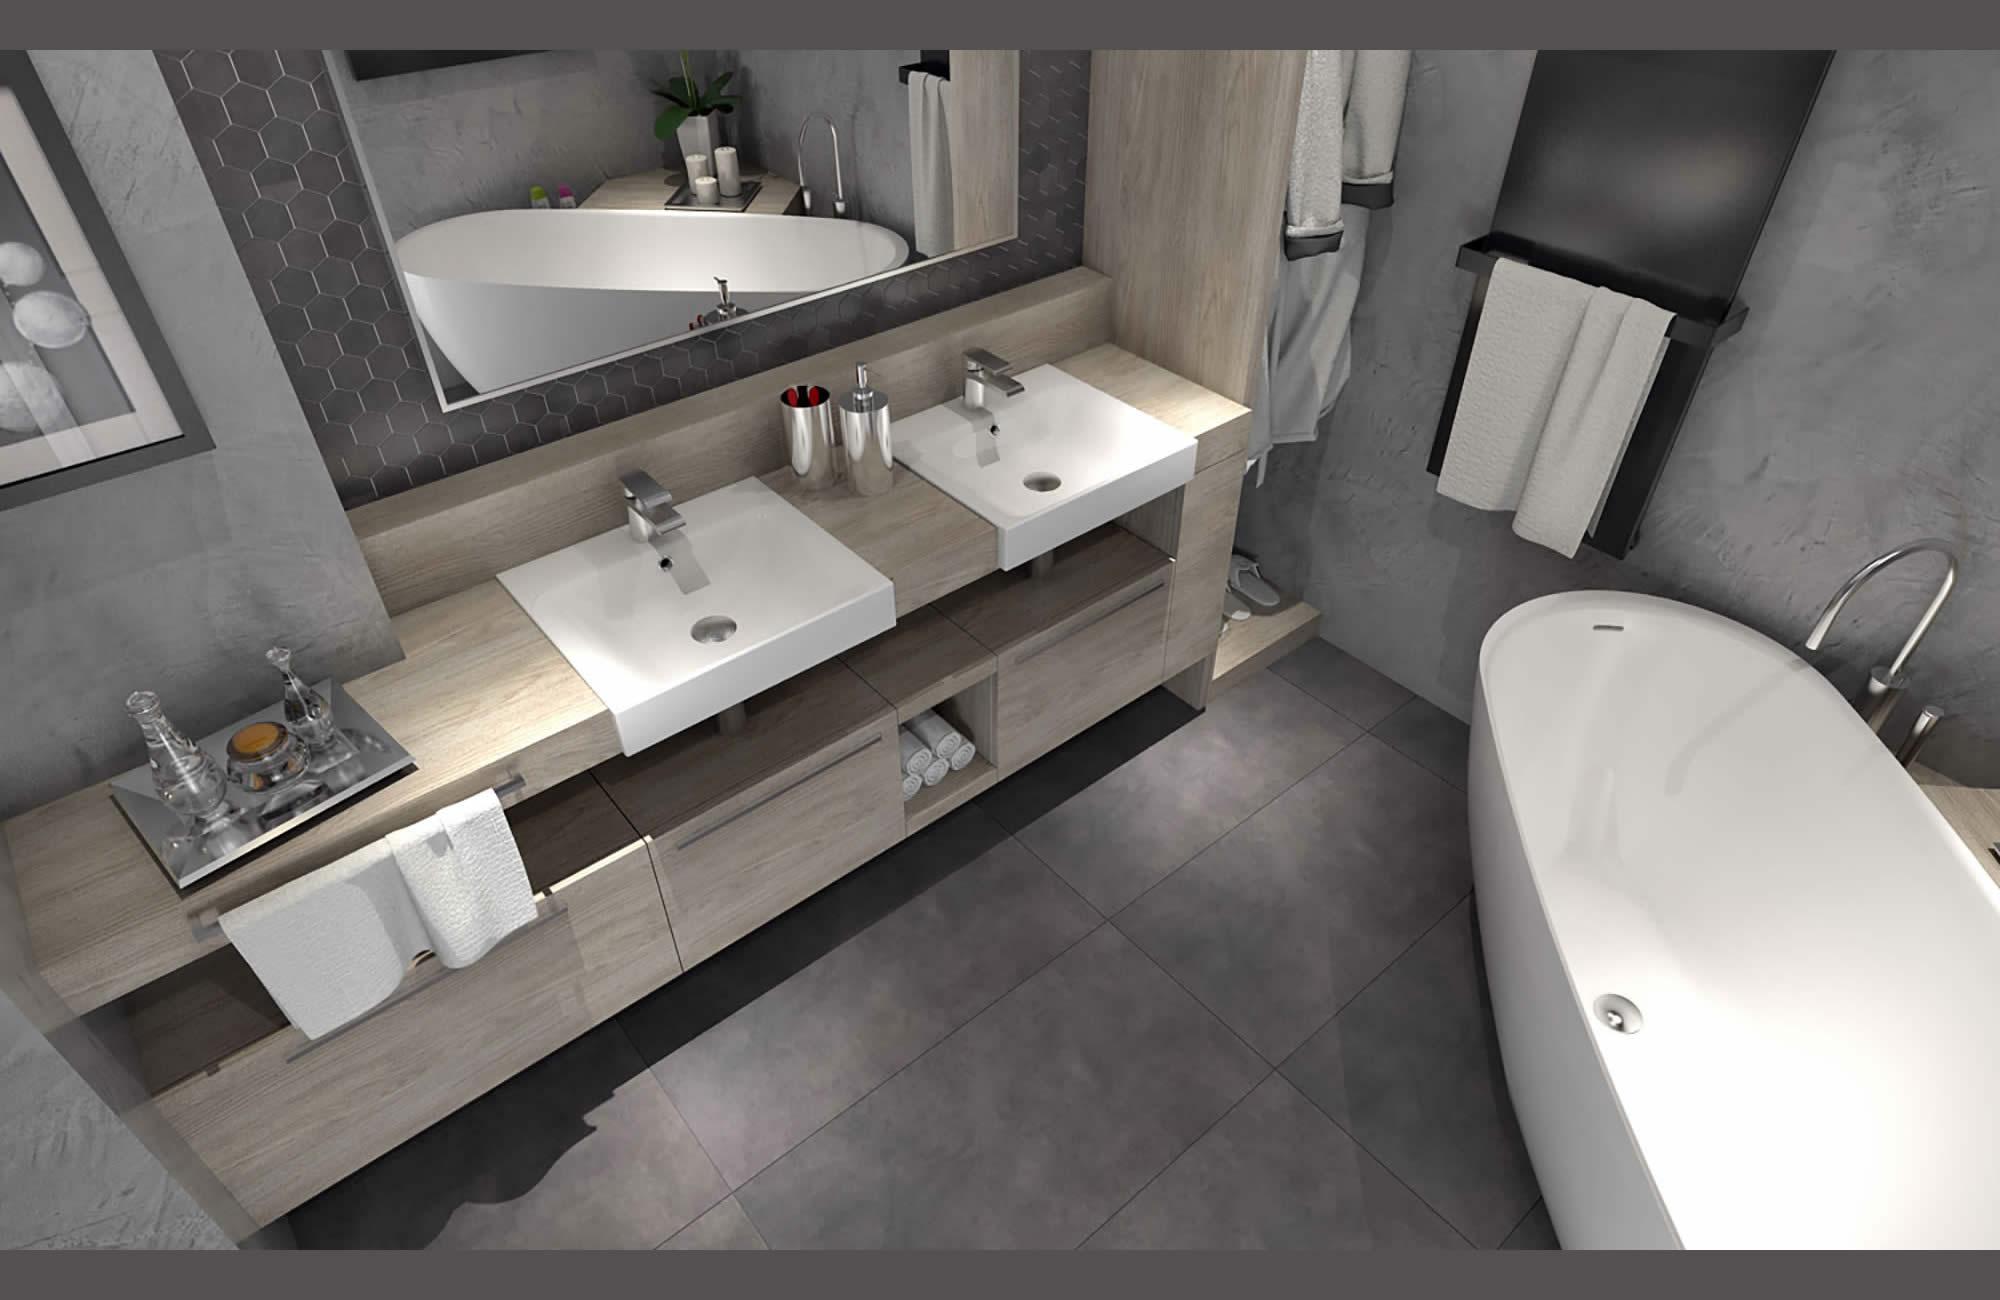 17-firenze_casa-privata-bagno-scena-4